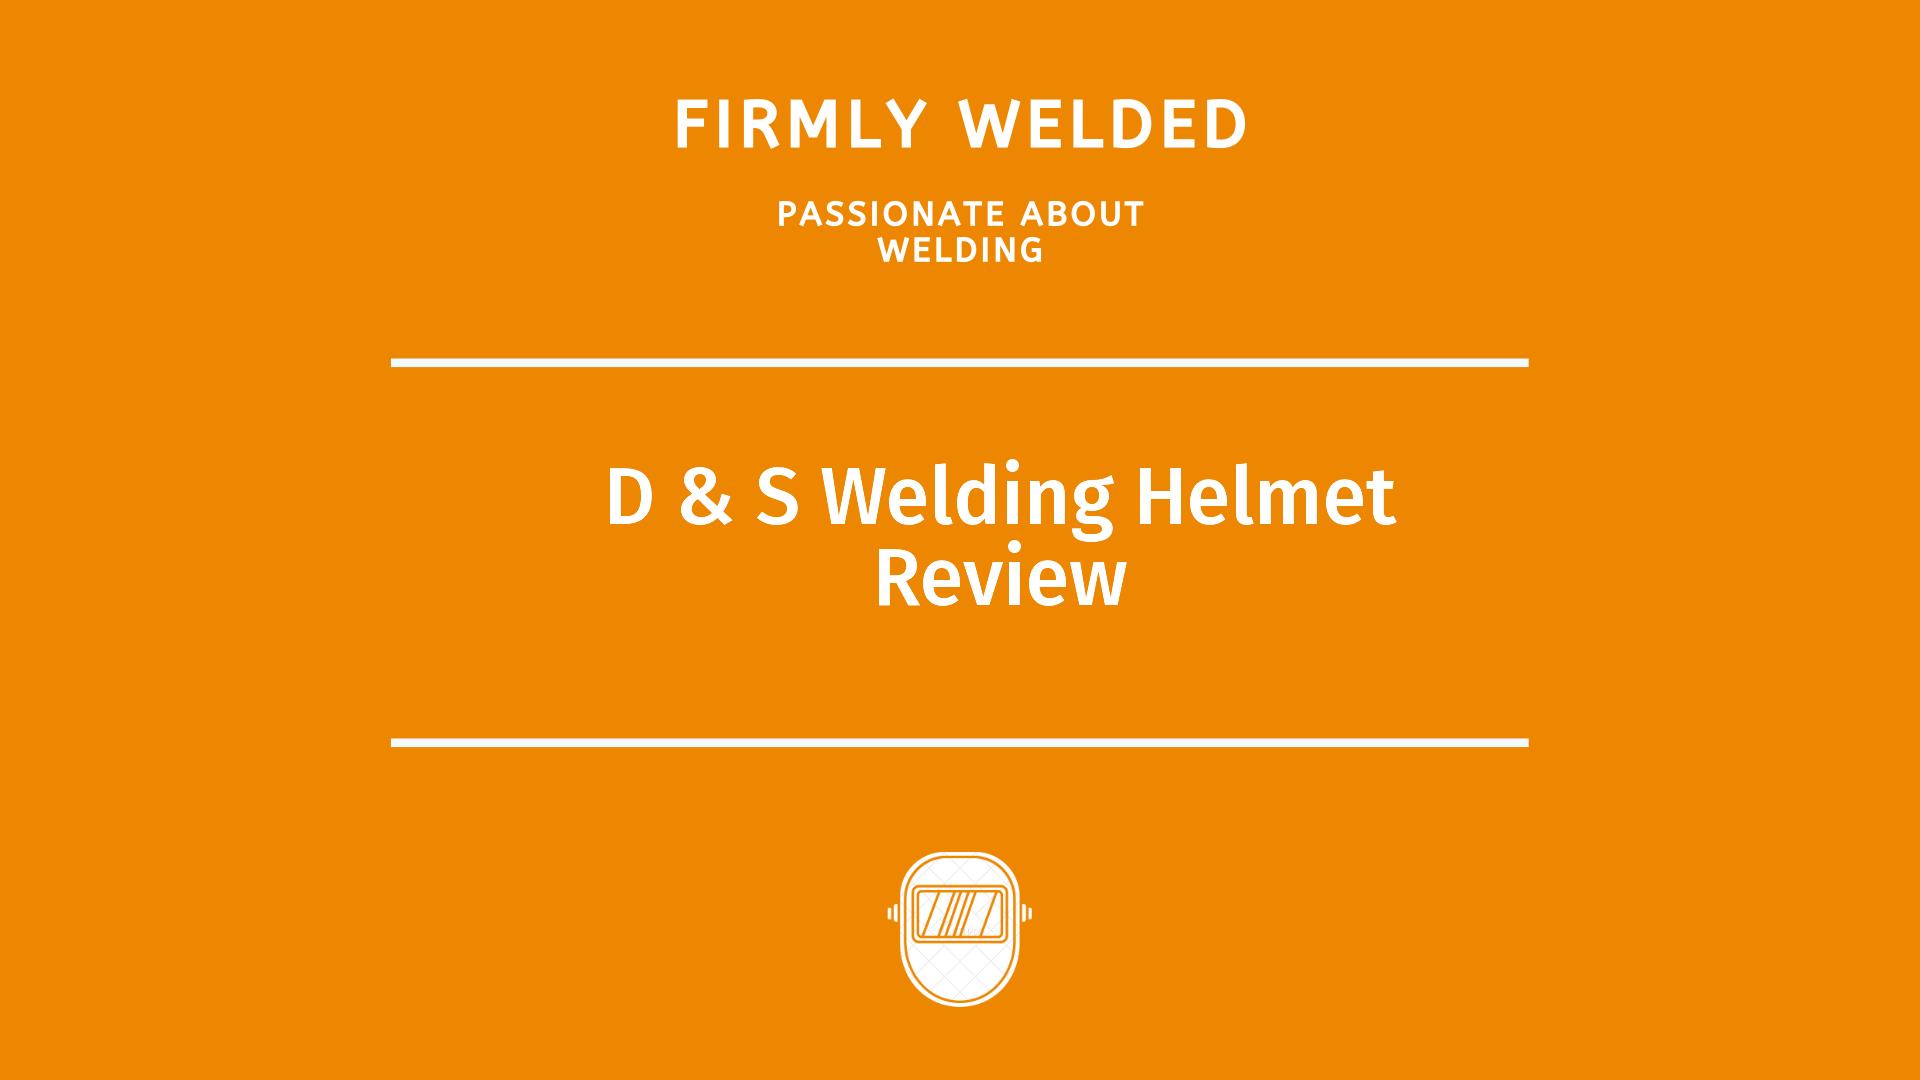 D & S Welding Helmet Review